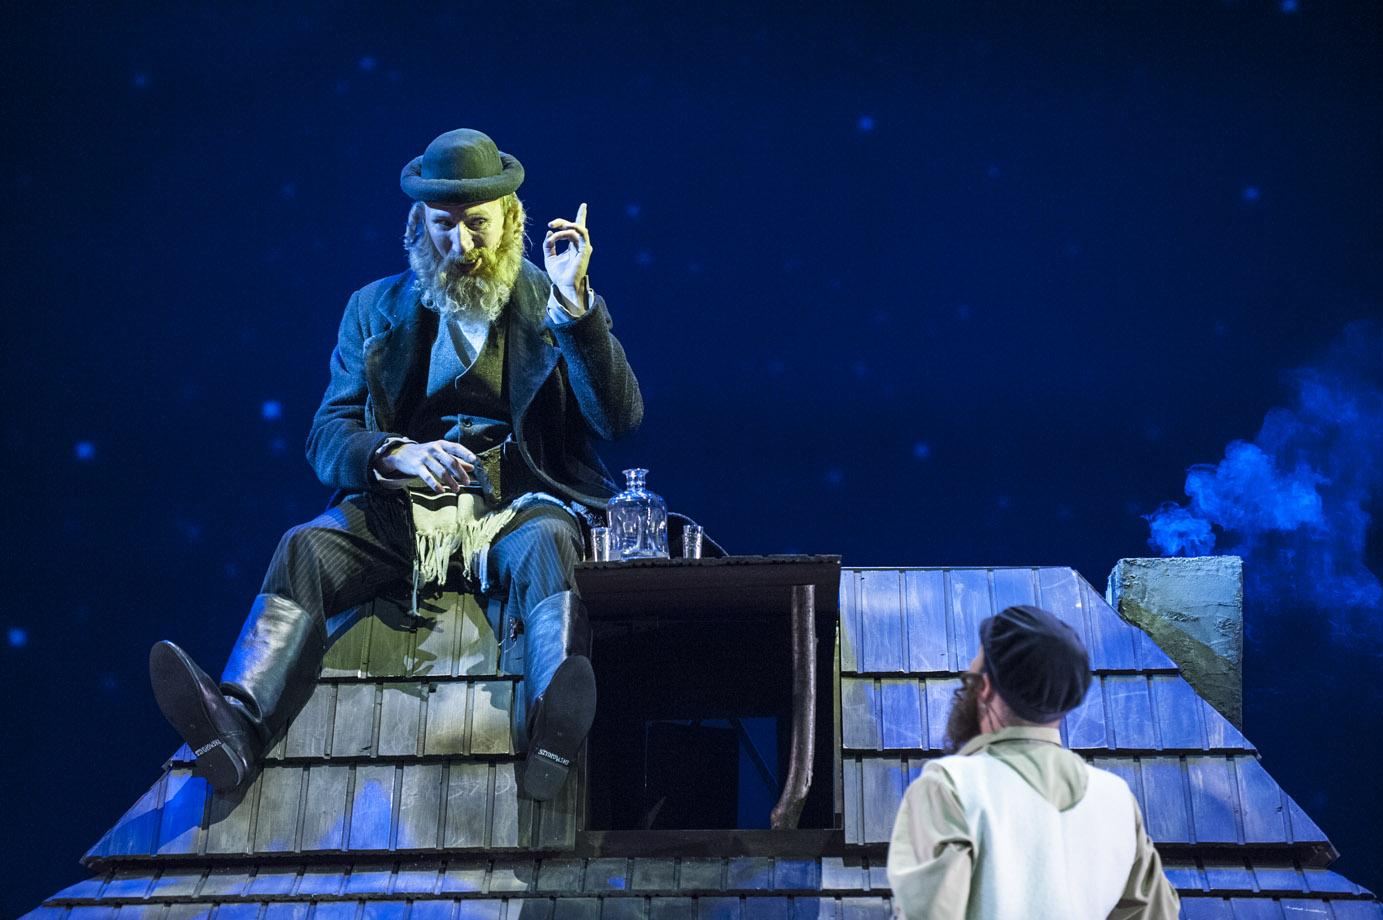 Na dachu małego domu siedzi mężczyzna z brodą w kapeluszu, trzymając rękę z palcem wskazującym do góry. Przodem do niego stoi mężczyzna z brodą w czapce, słuchając go. Z komina leci dym.